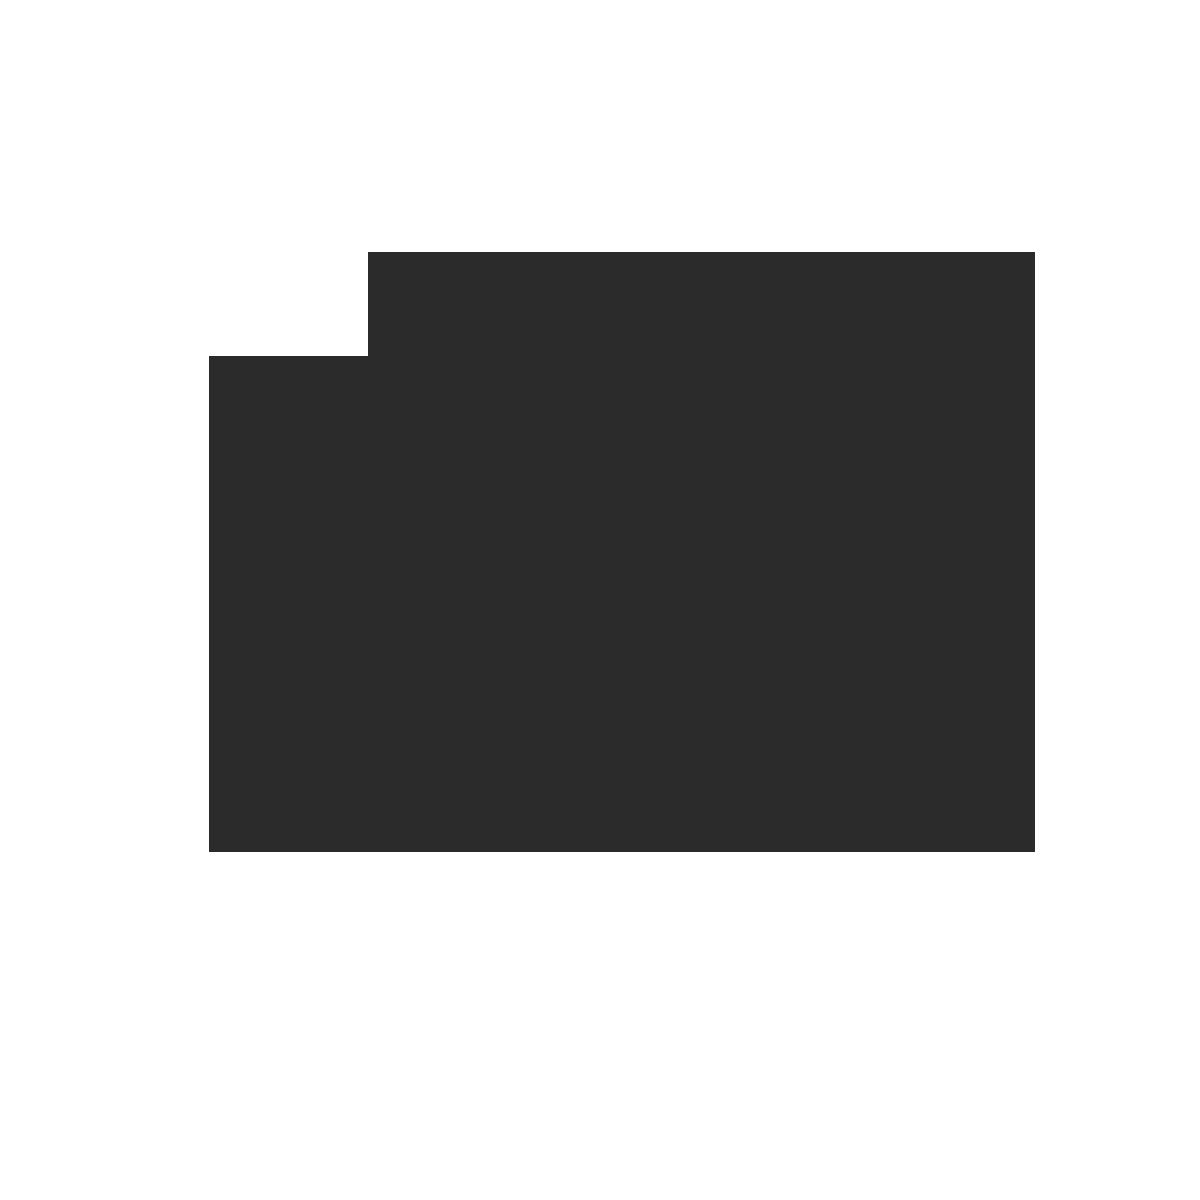 thebigdayweddings.com